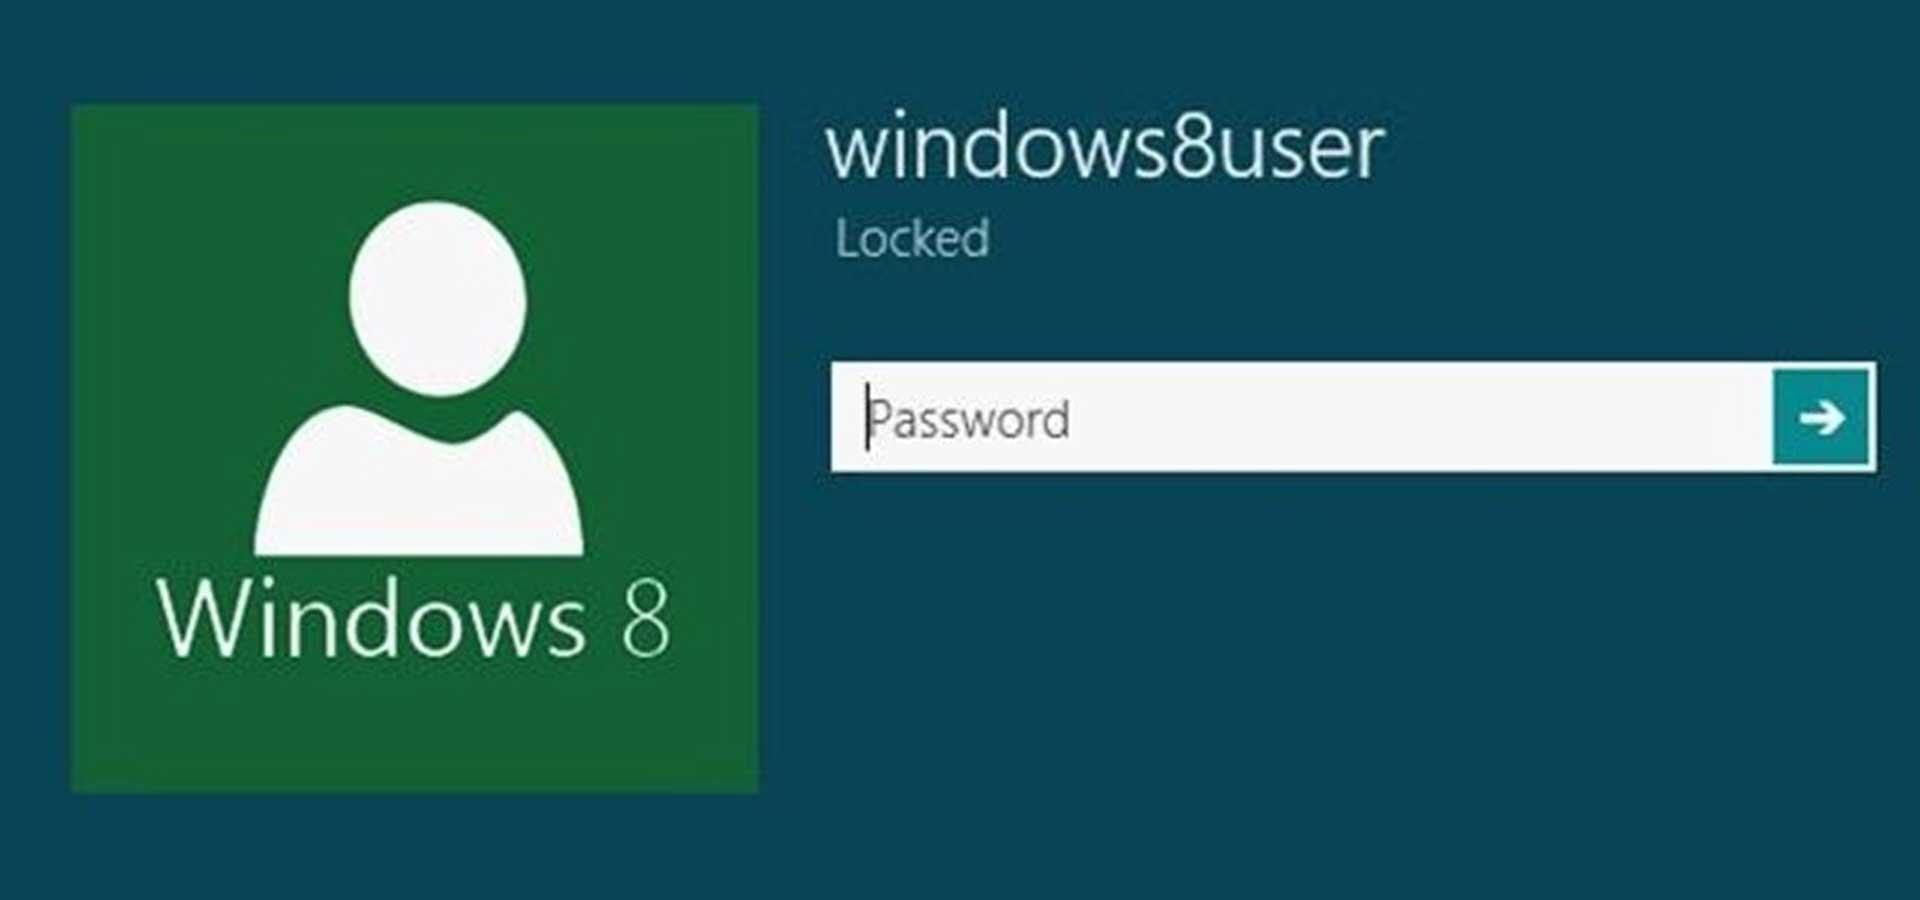 windows parola kaldırma Parola Kaldırma Windows 8.1 Parola Kaldırma Problemi windows parola kaldirma